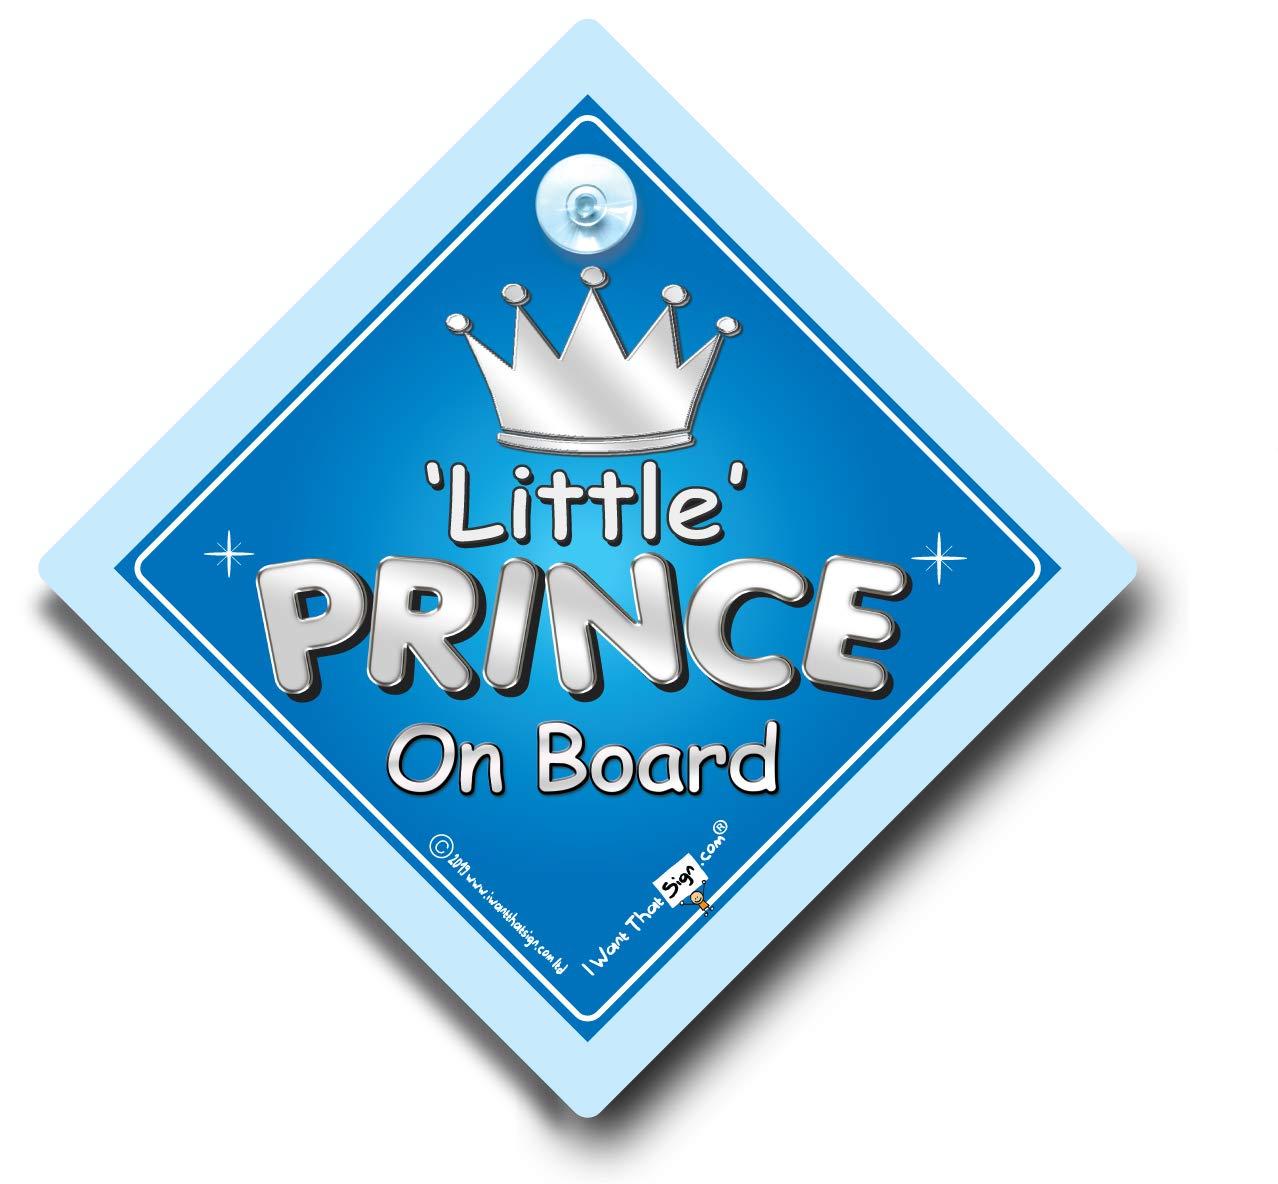 Little Prince On Board, Little Prince On Board Car Sign, Car Sign ...